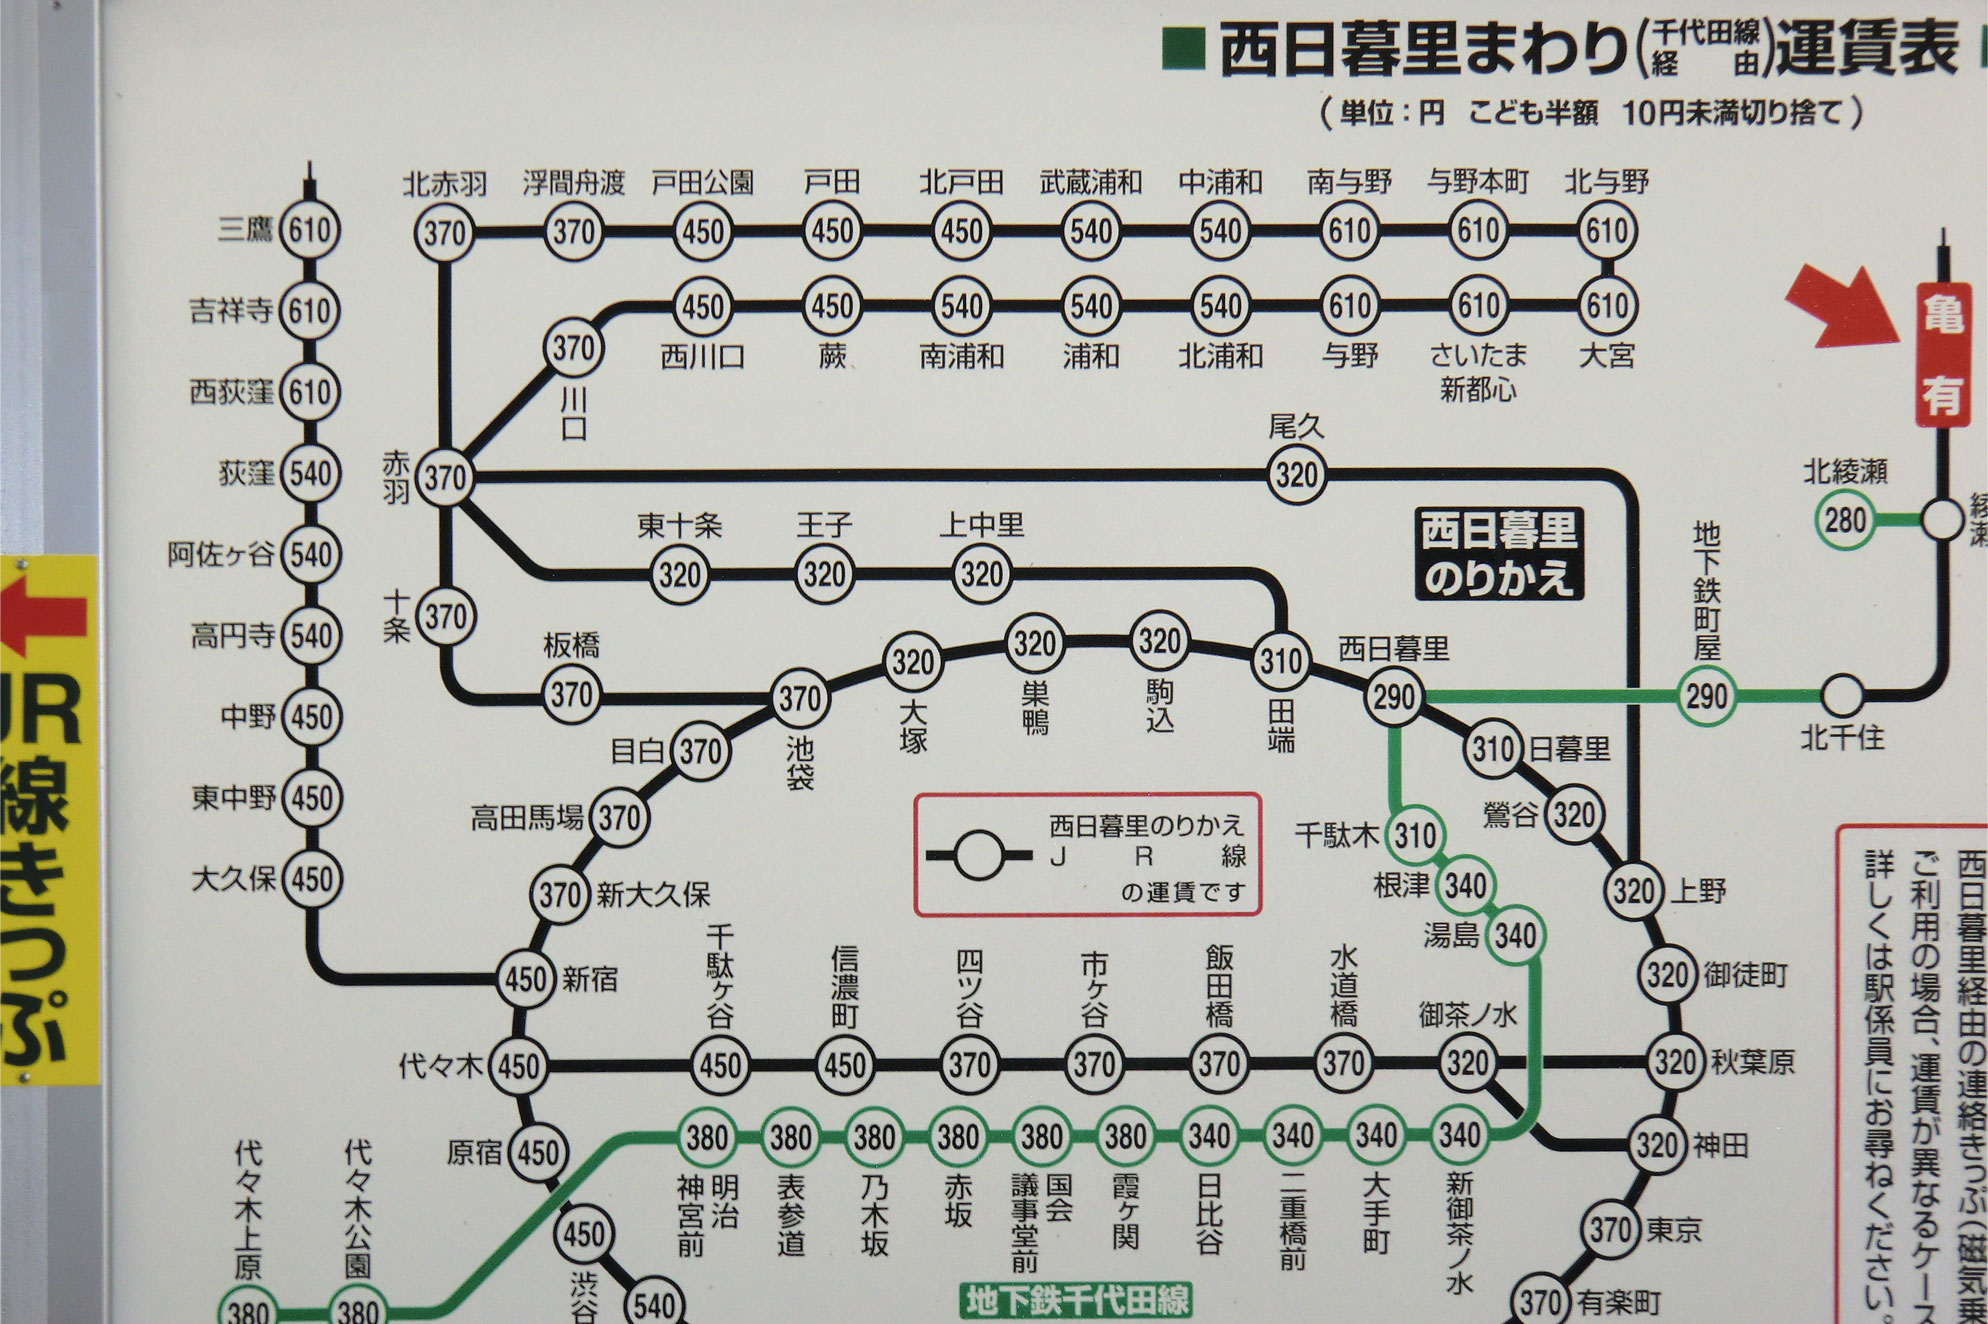 千代田線直通運転における運賃表、一目で運賃が分かりました。